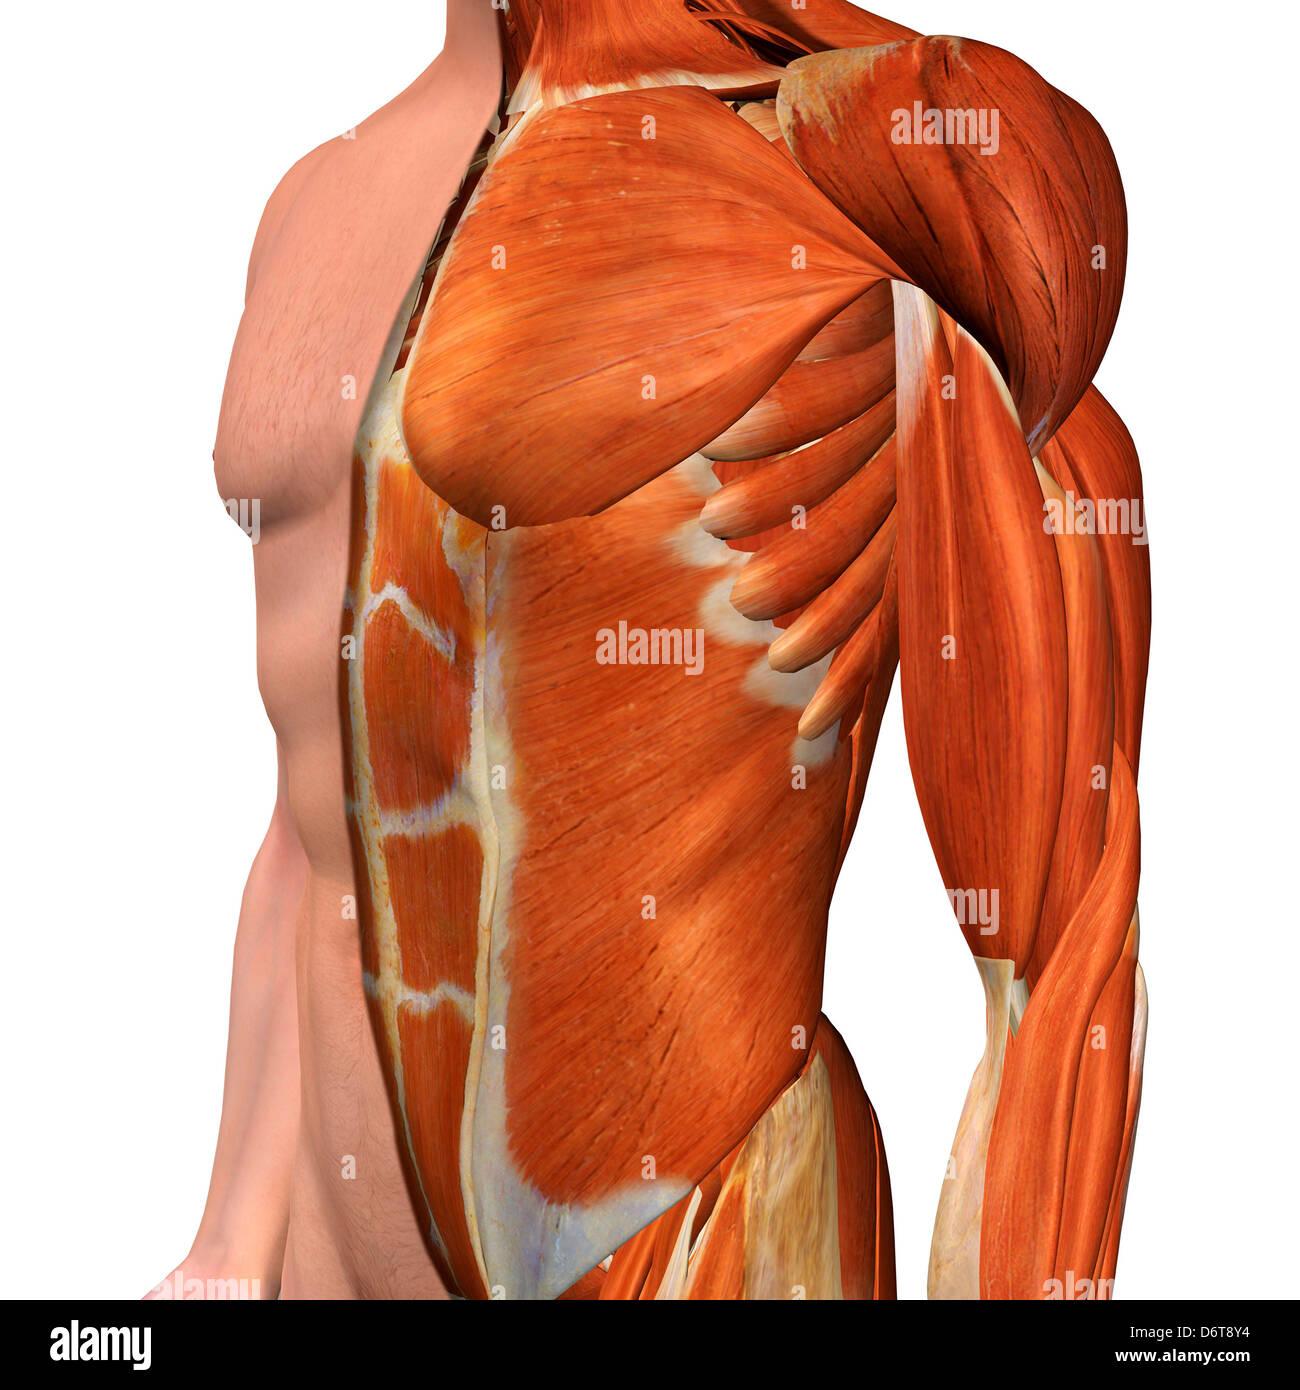 Querschnitt Anatomie der männlichen Brust, Bauch und Leistengegend ...